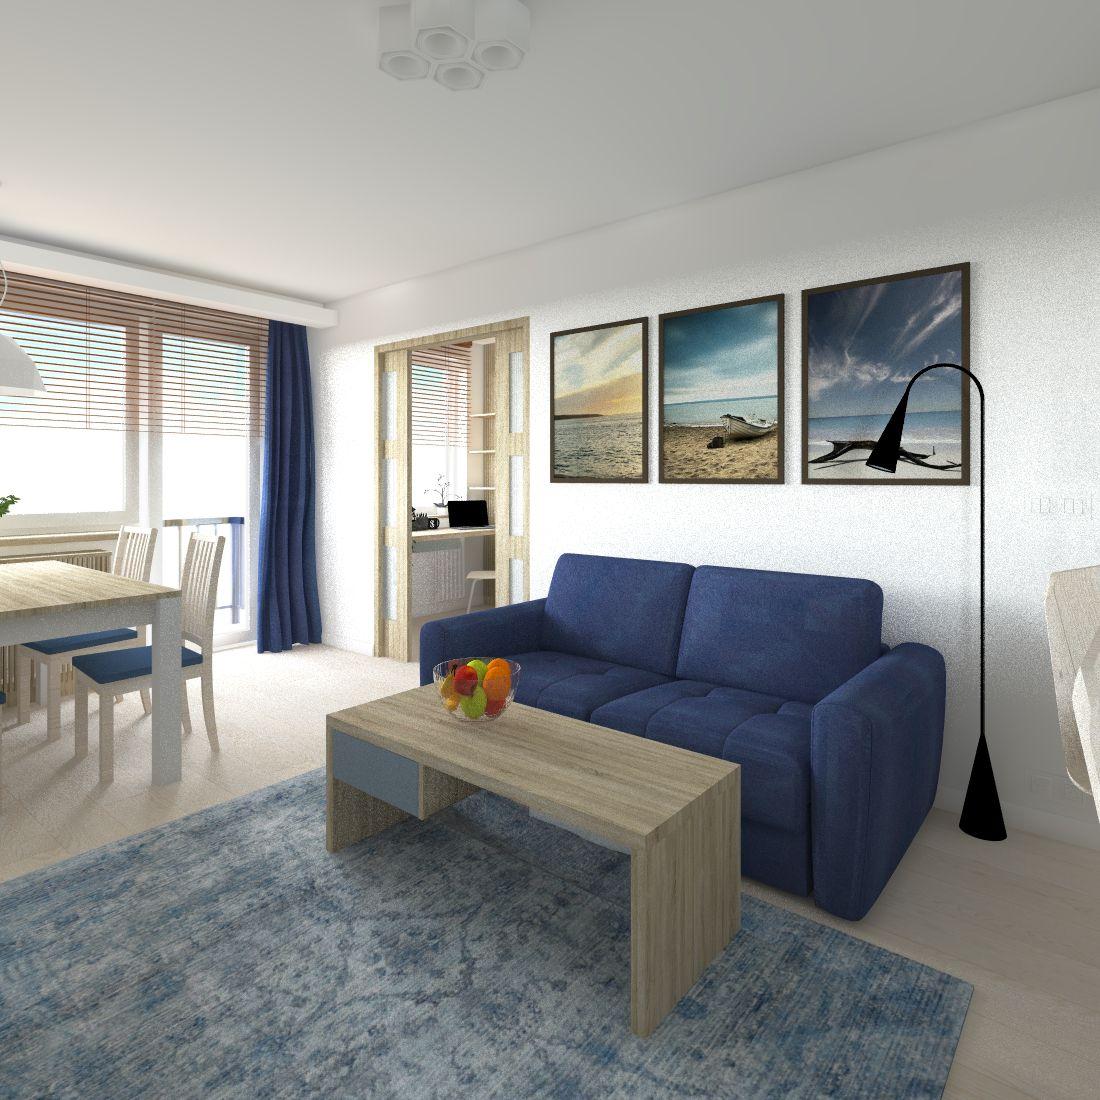 Granatowa sofa Olbia marki Gala Collezione, w tle wiszą kolorowe obrazki, stoi niski stolik kawowy oraz leży bladoniebieski dywan